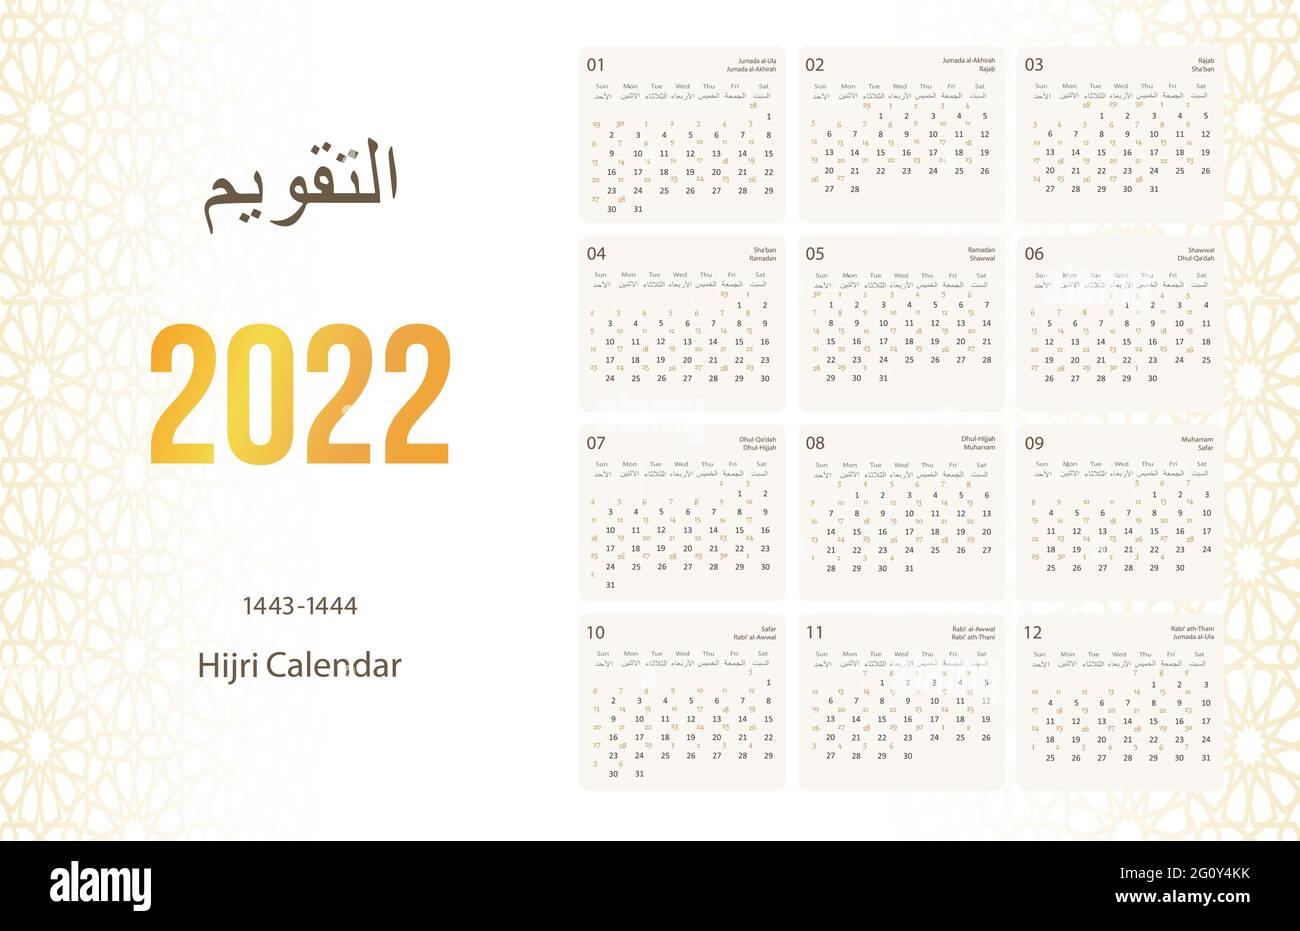 Calendrier Hegire 2022 Hijri Banque d'image et photos   Alamy